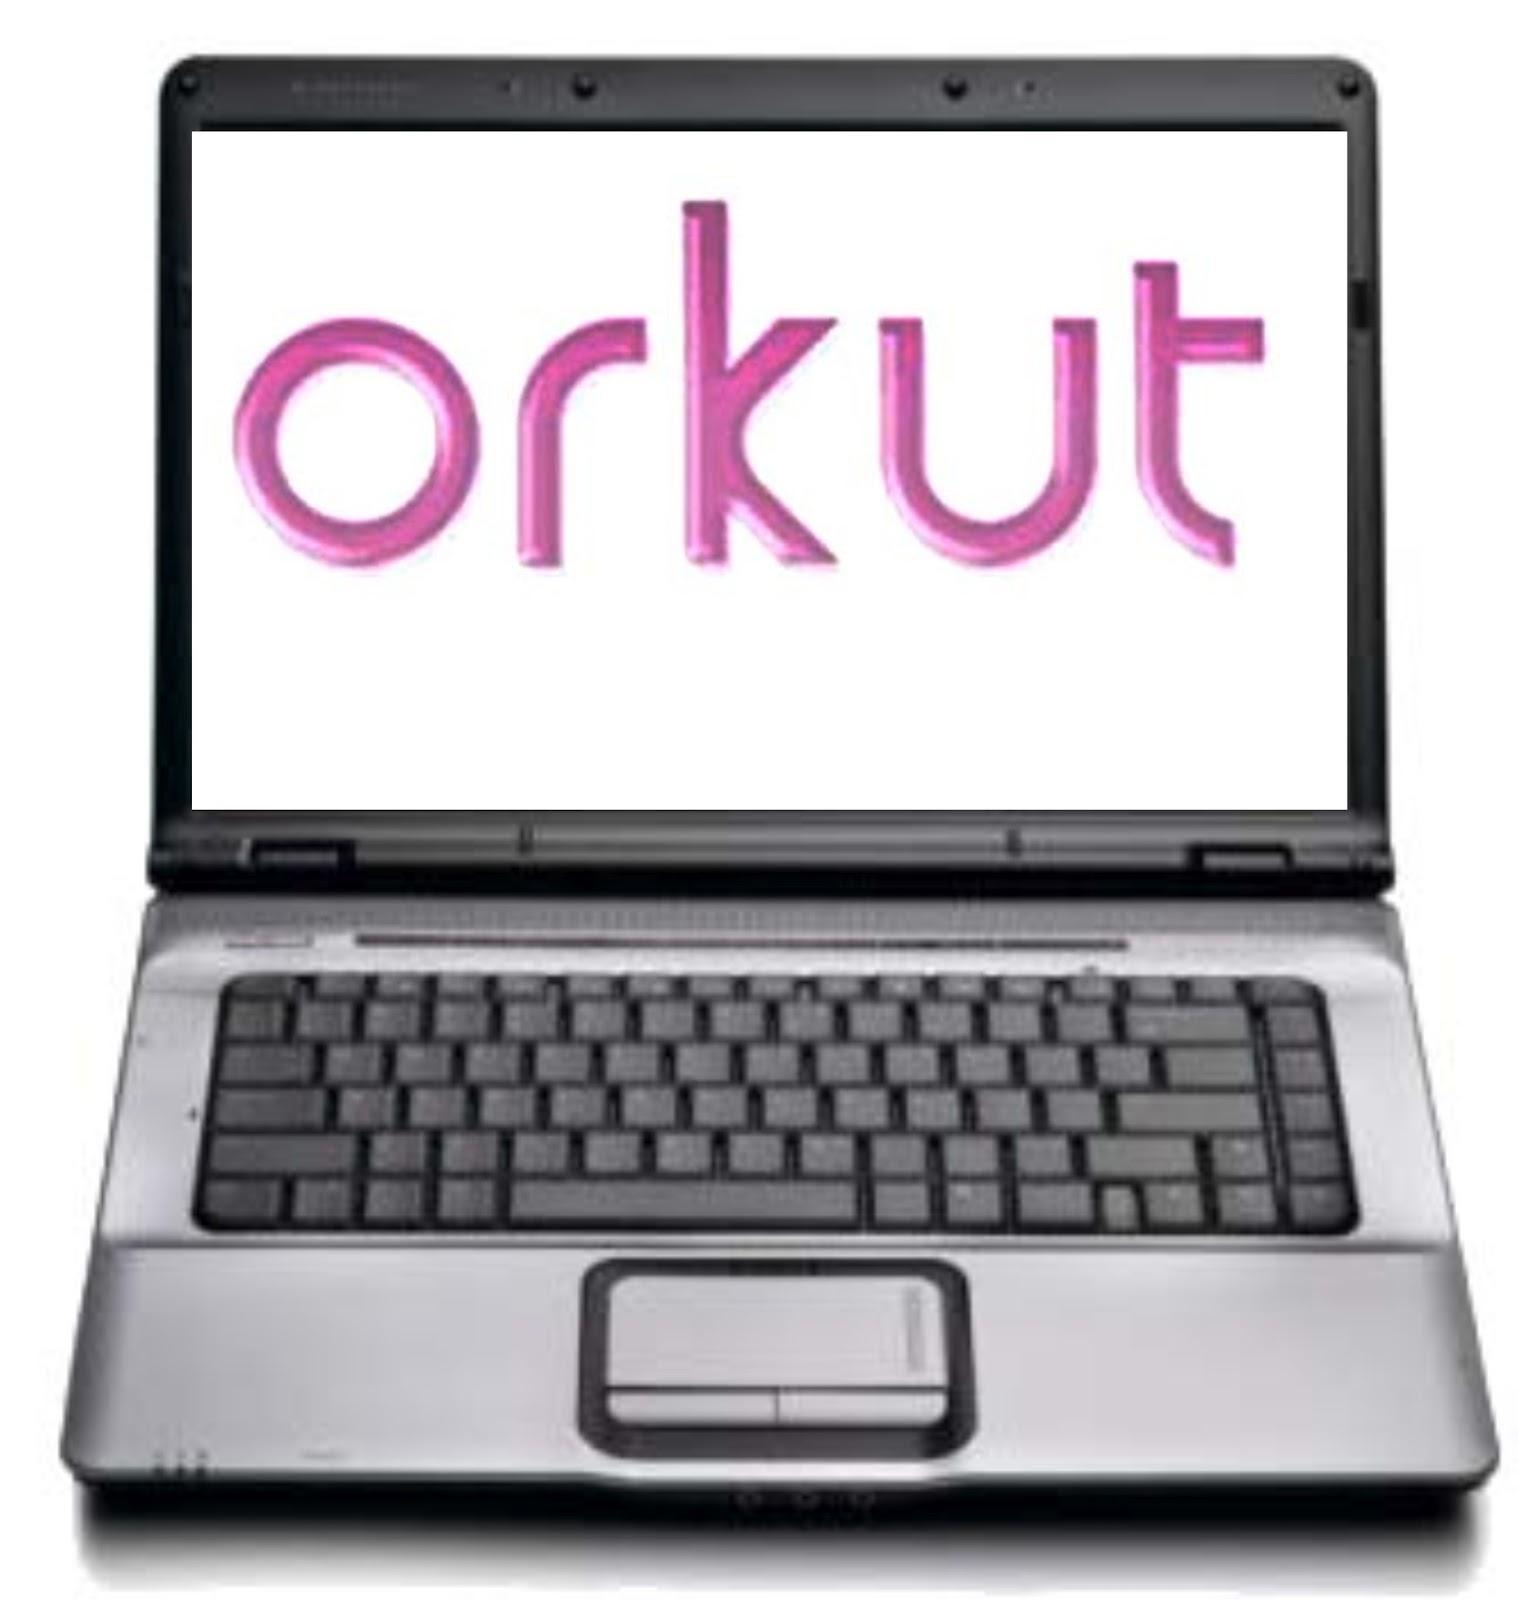 http://4.bp.blogspot.com/-IXDElX0v6II/T0TqTBw_TkI/AAAAAAAAADM/iOlVRlA9iVA/s1600/orkut%2Blogo.jpg